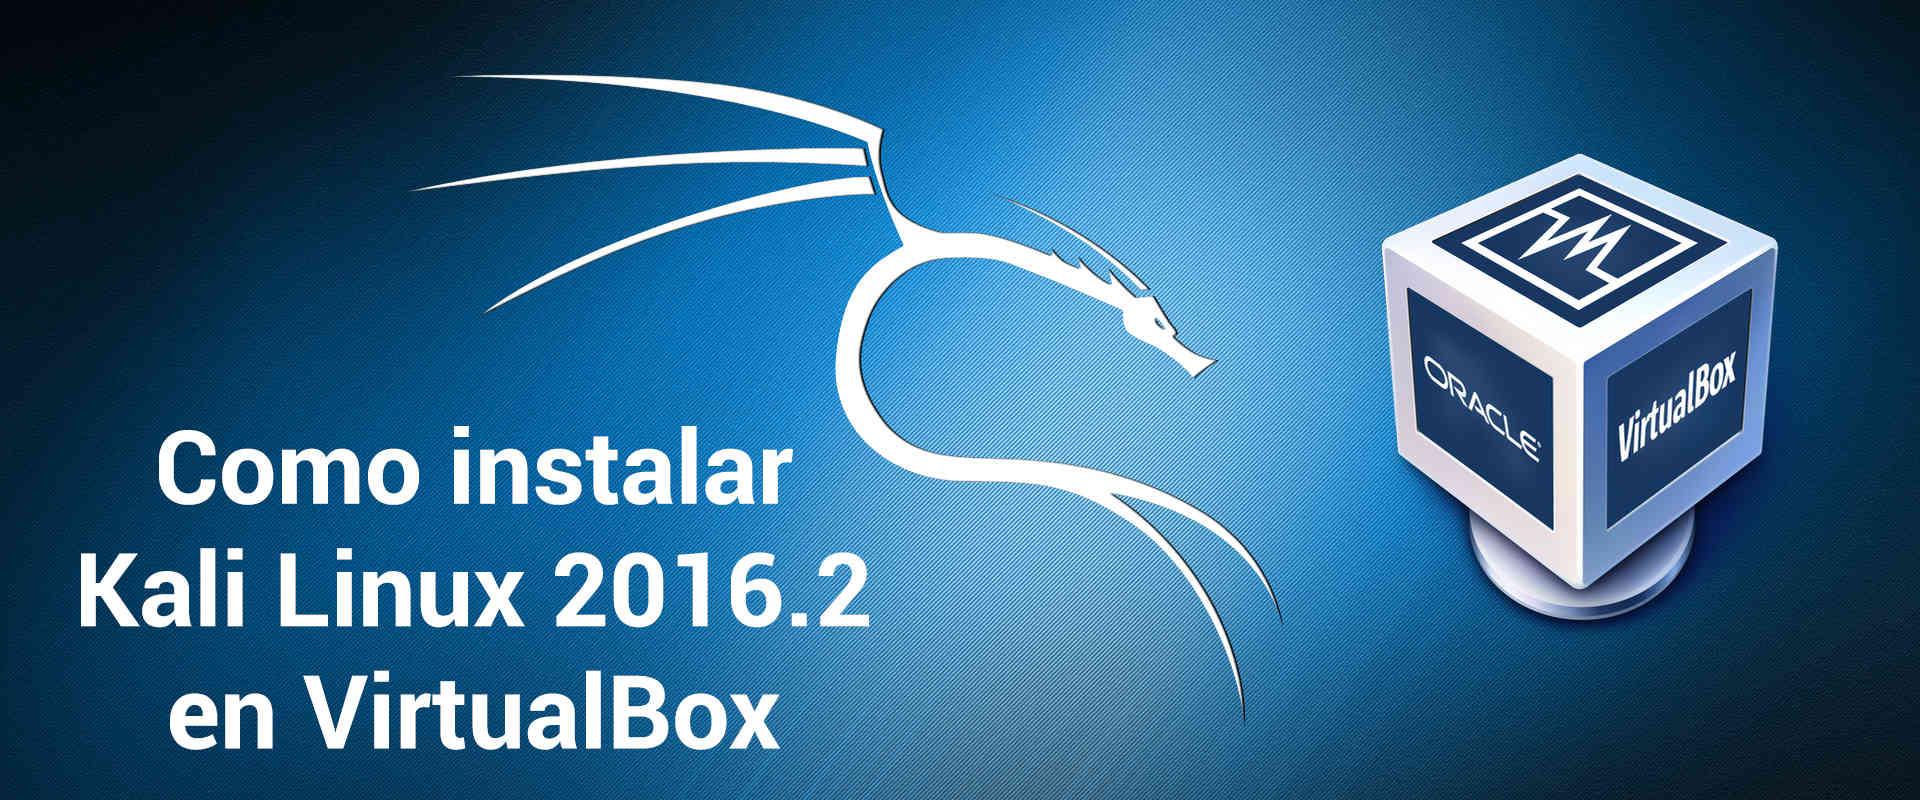 como-instalar-kali-linux-2016-2-en-virtualbox